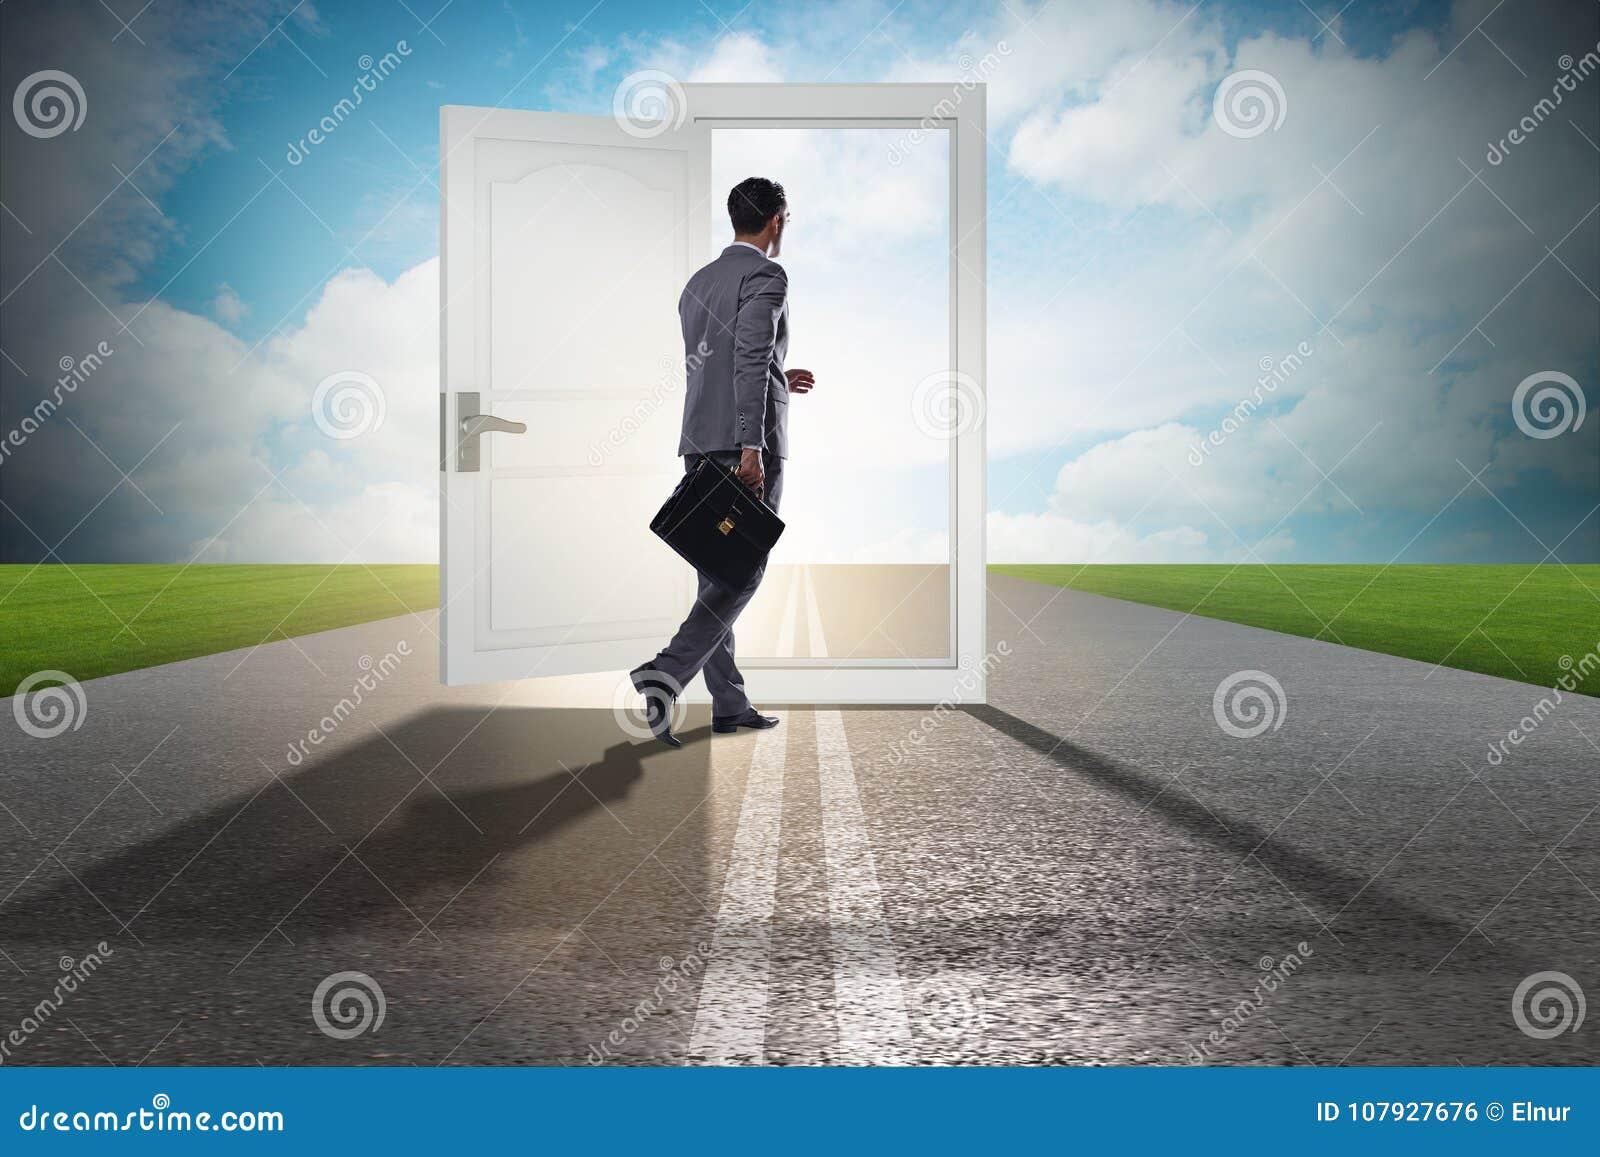 The businessman in front of door in business opportunities concept